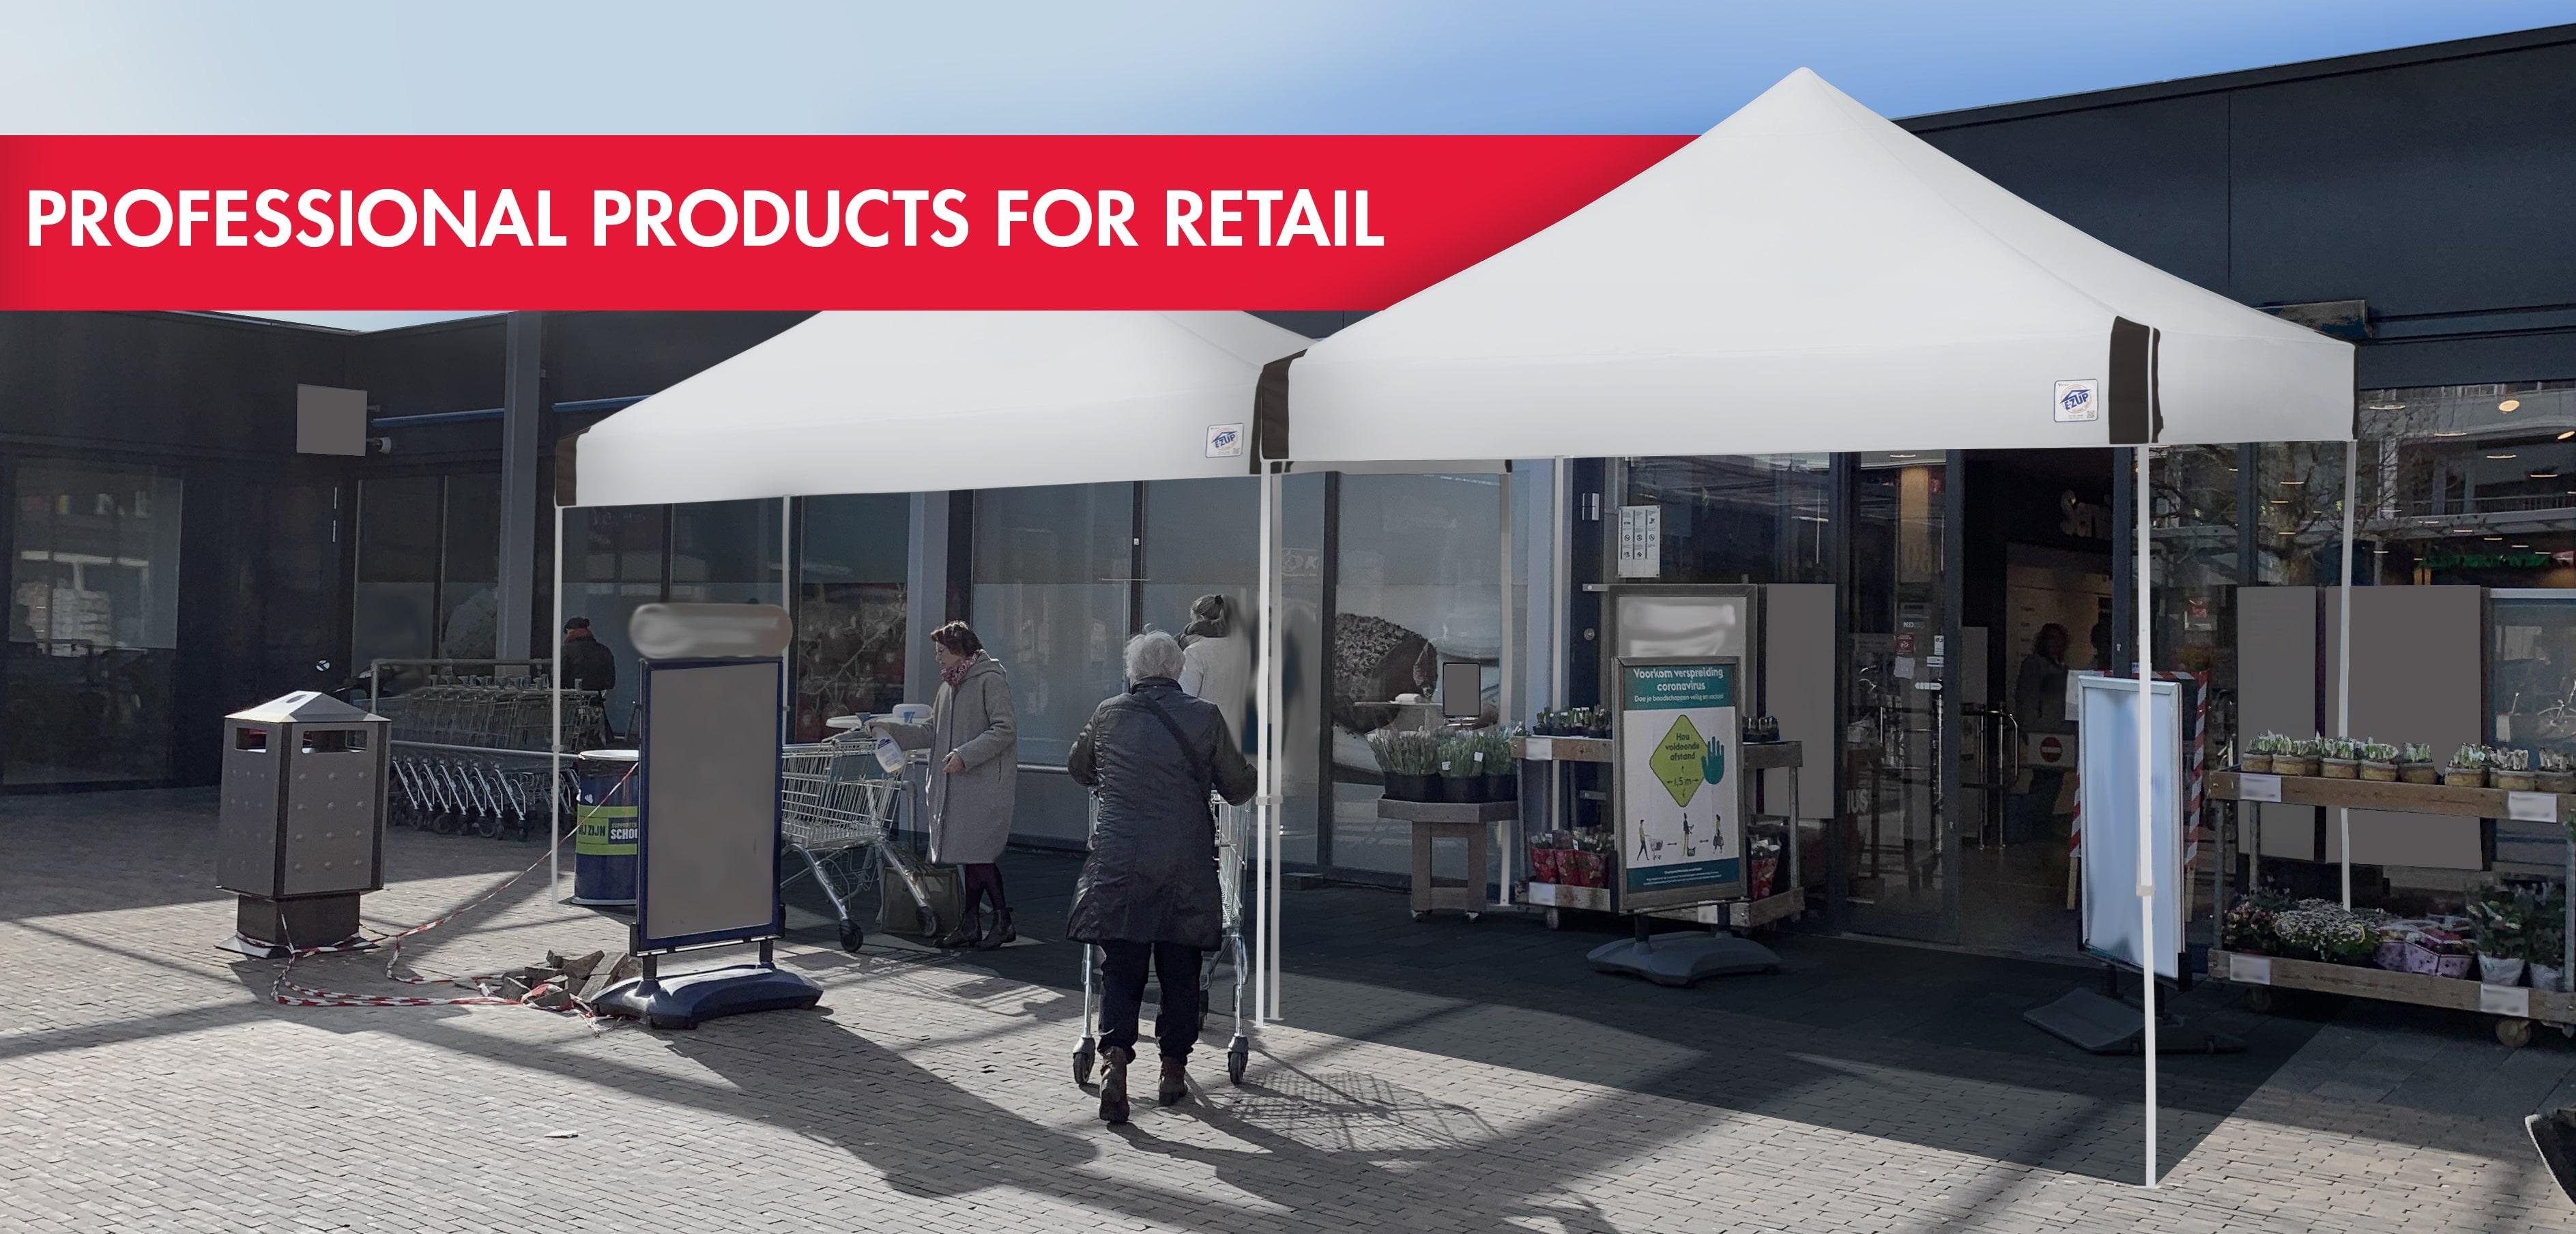 Professionelle Produkte für den Einzelhandel